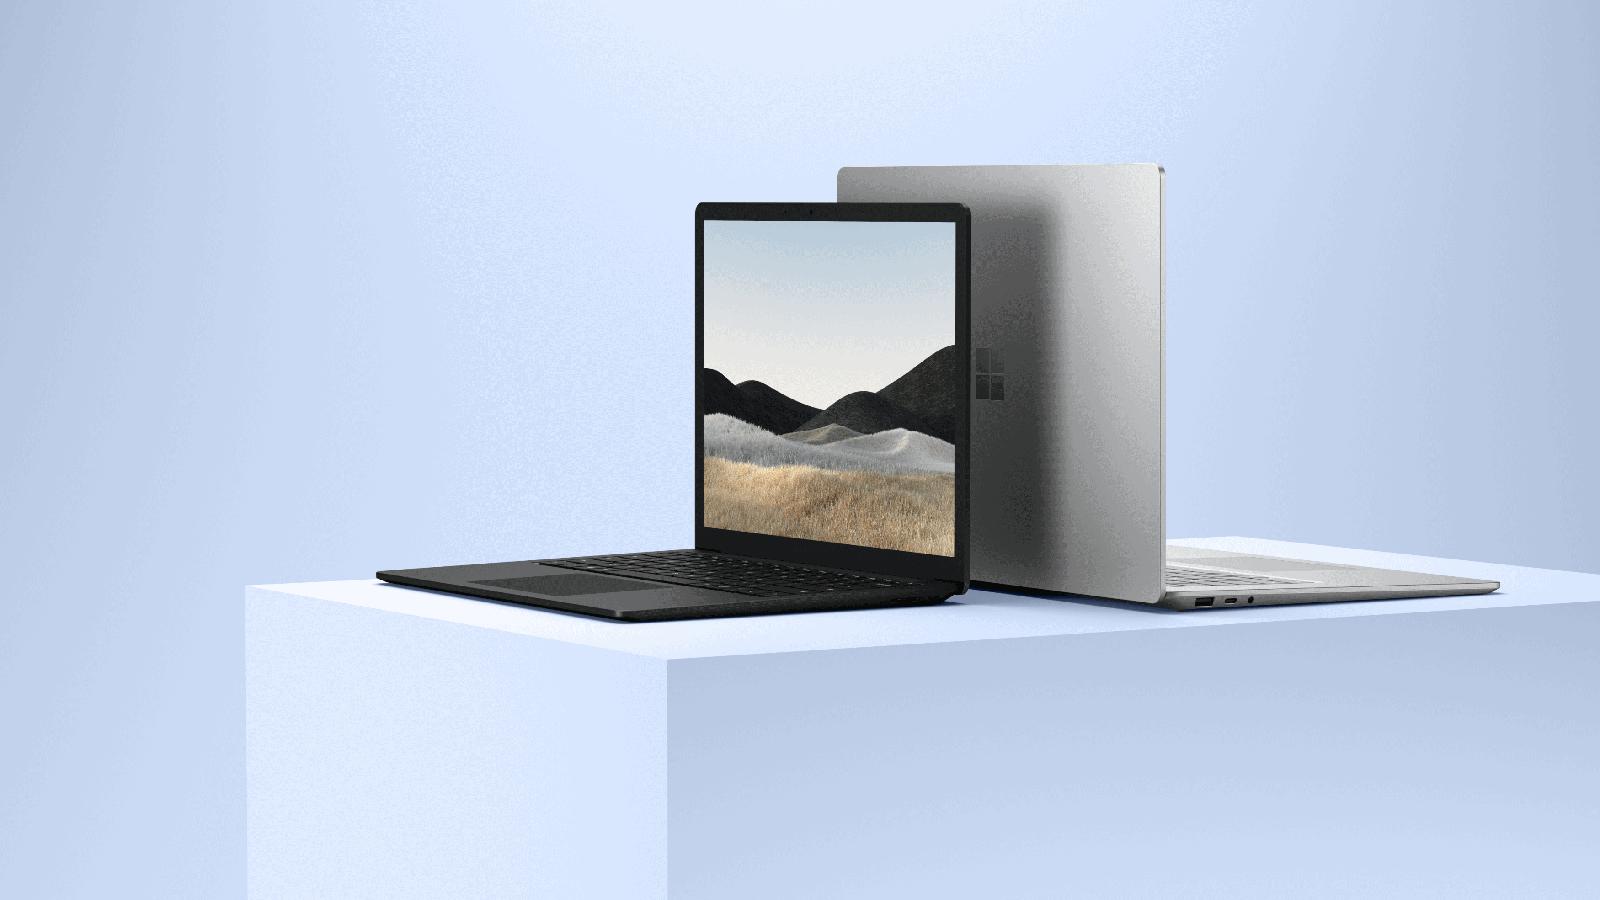 ใหม่! Surface Laptop 4 พร้อมอุปกรณ์เสริมชุดใหญ่เพื่อสร้างประสบการณ์การประชุมที่ยอดเยี่ยมพาคุณไปพบกับทุกคนบนโลกแบบแอดวานซ์ขึ้นไปอีกขั้น